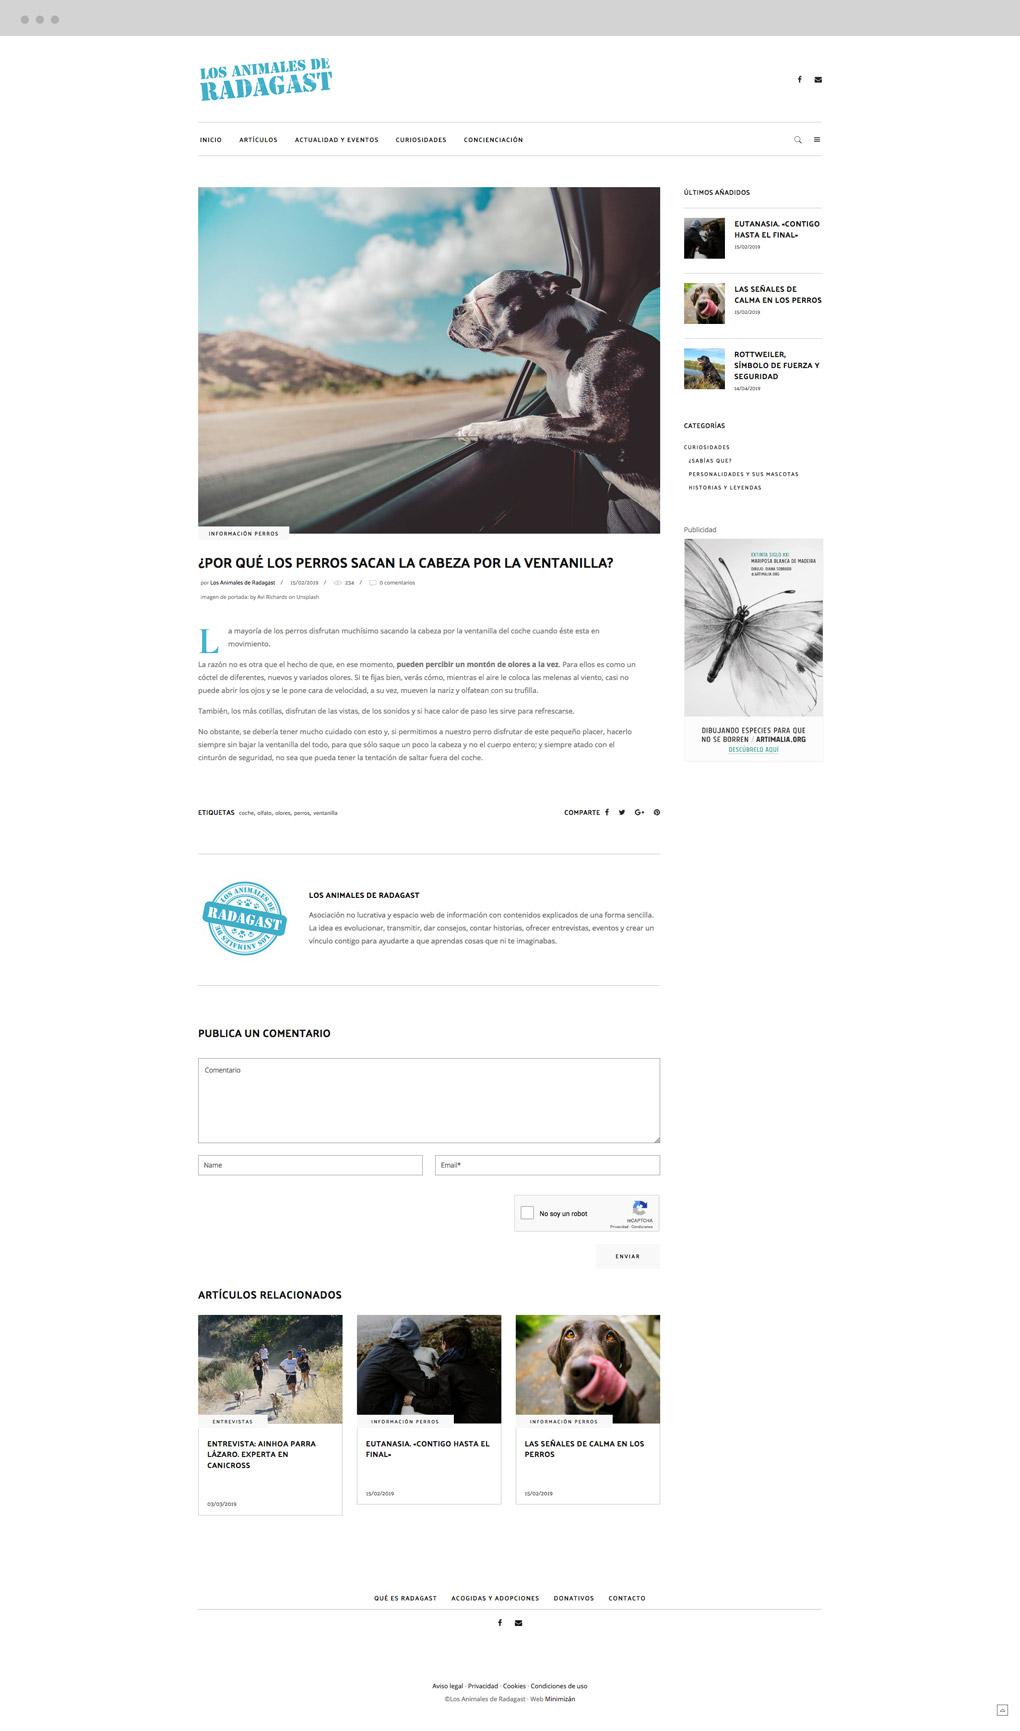 presentación de diseño de magazine electrónico dedicado a los animales y la naturaleza presentación de un artículo-post